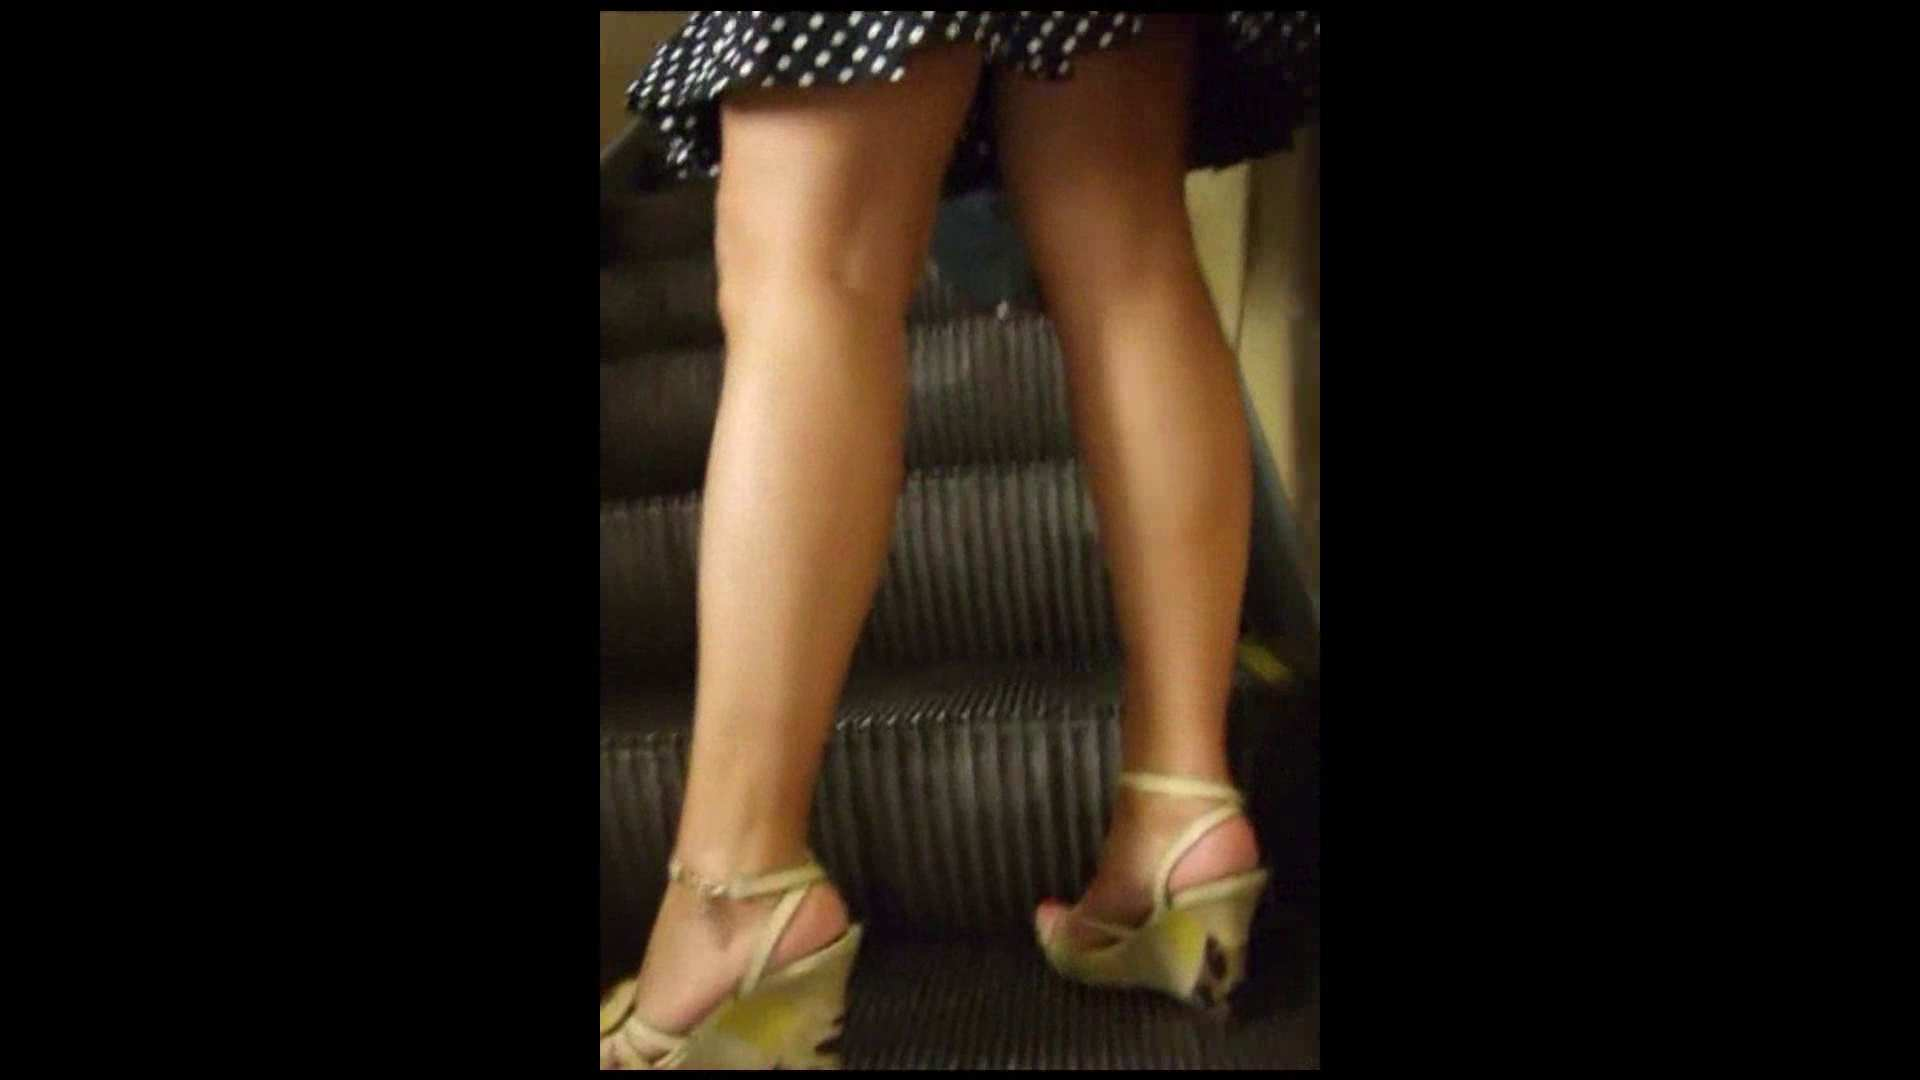 綺麗なモデルさんのスカート捲っちゃおう‼vol03 お姉さんのエロ動画  101PIX 10